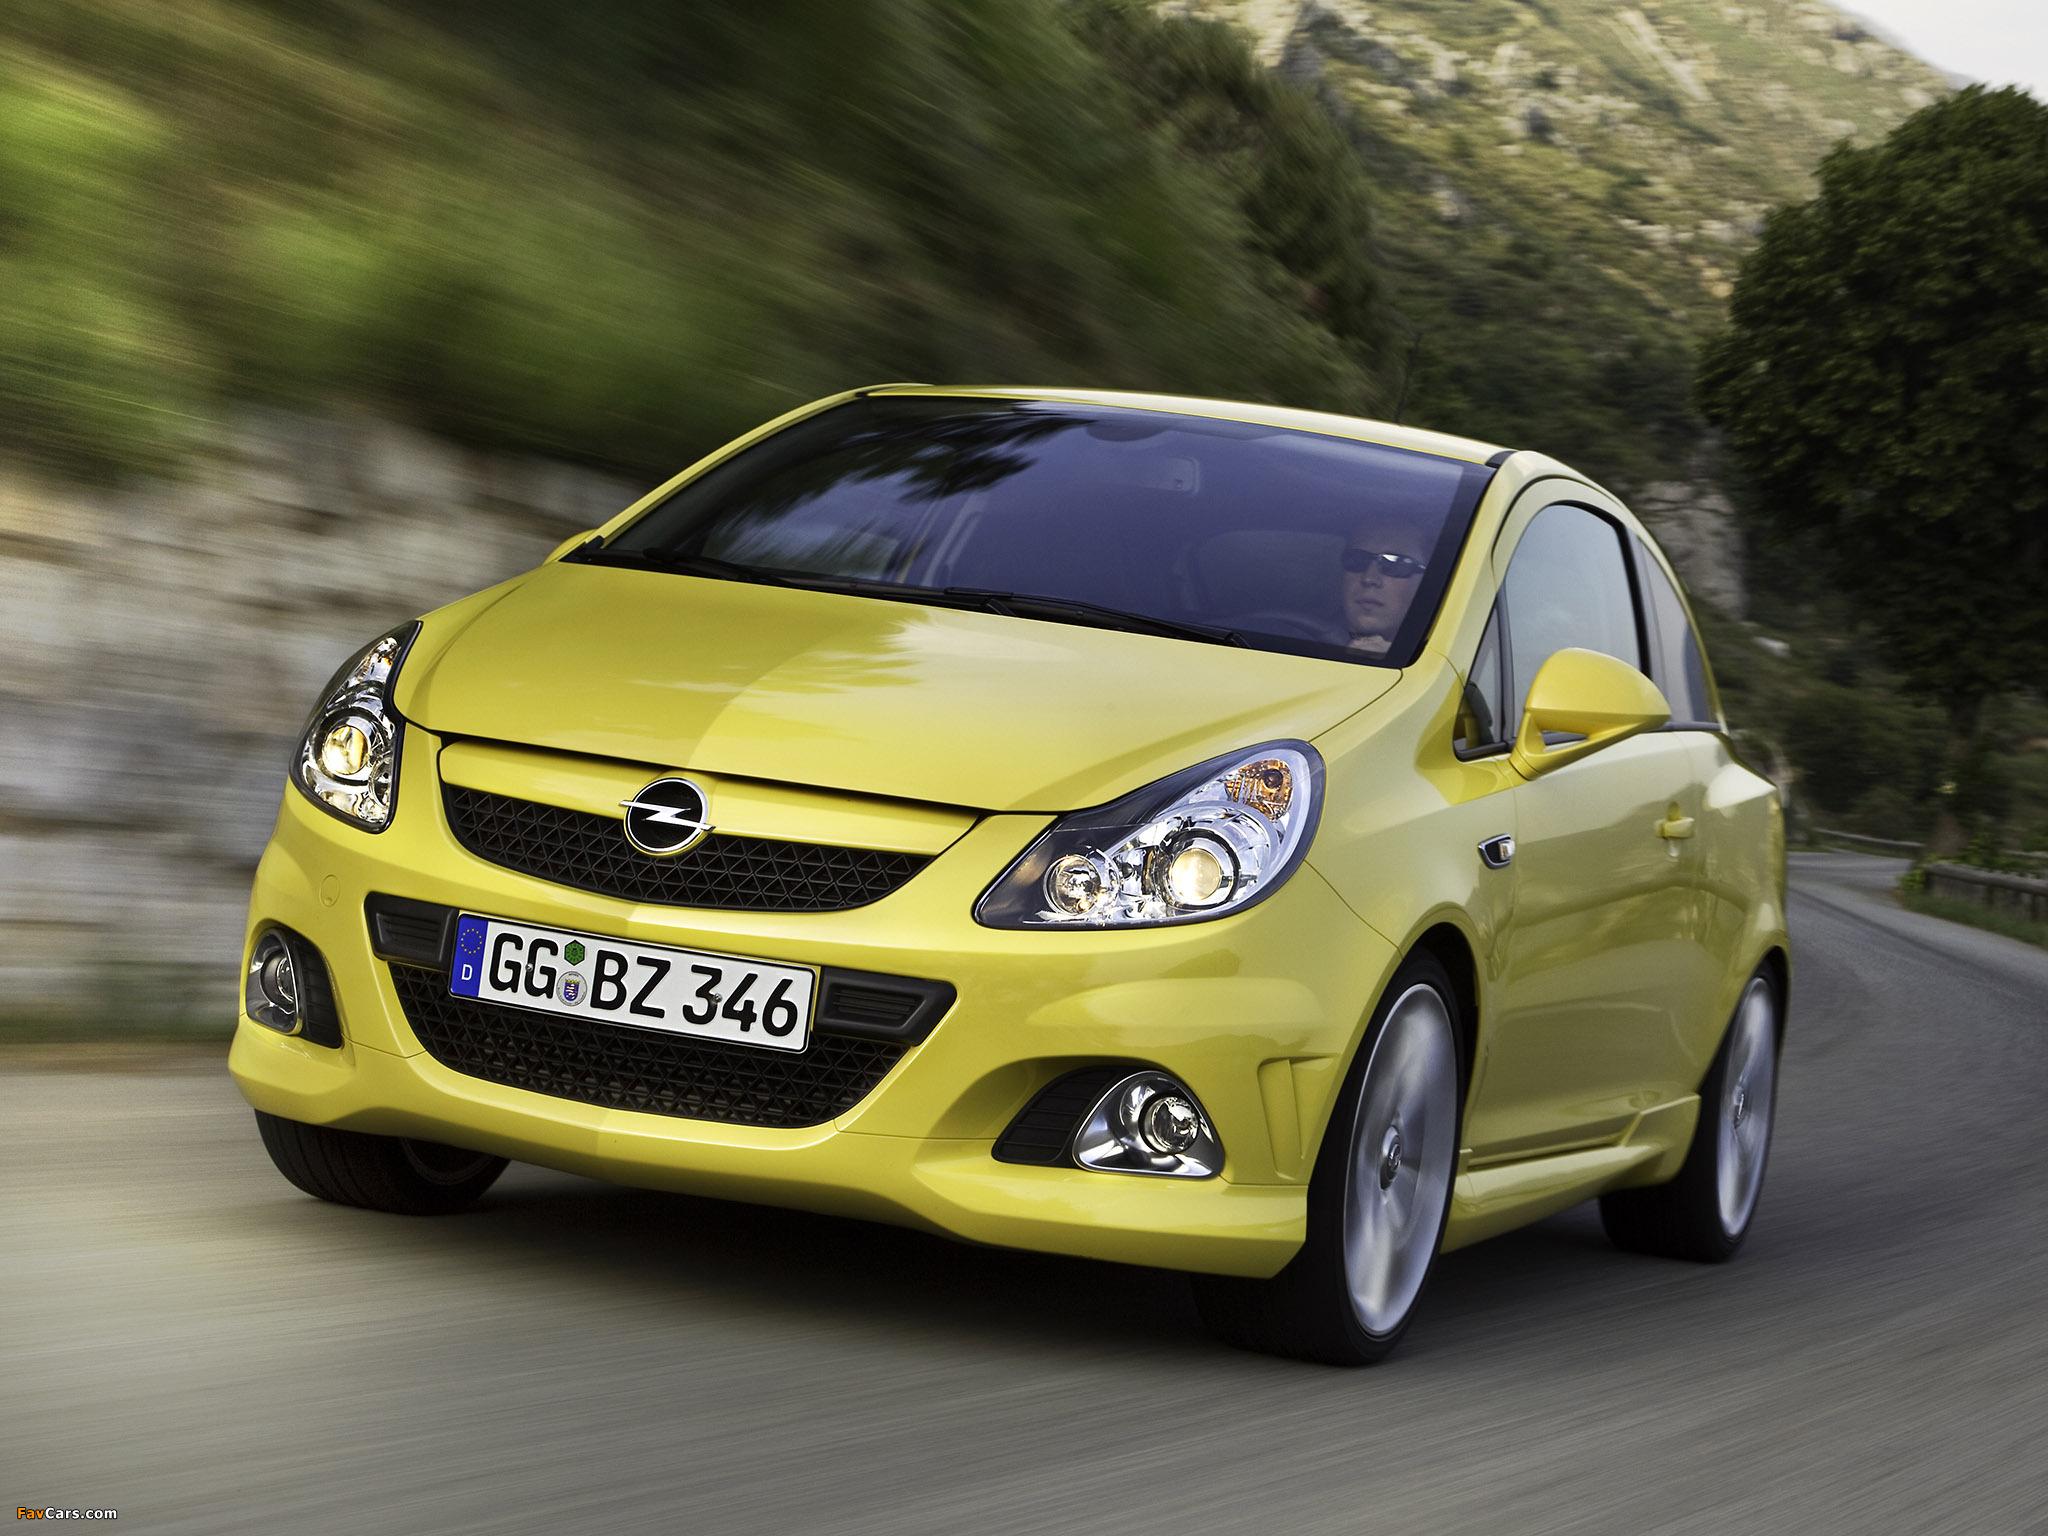 Opel Corsa OPC (D) 2010 photos (2048 x 1536)